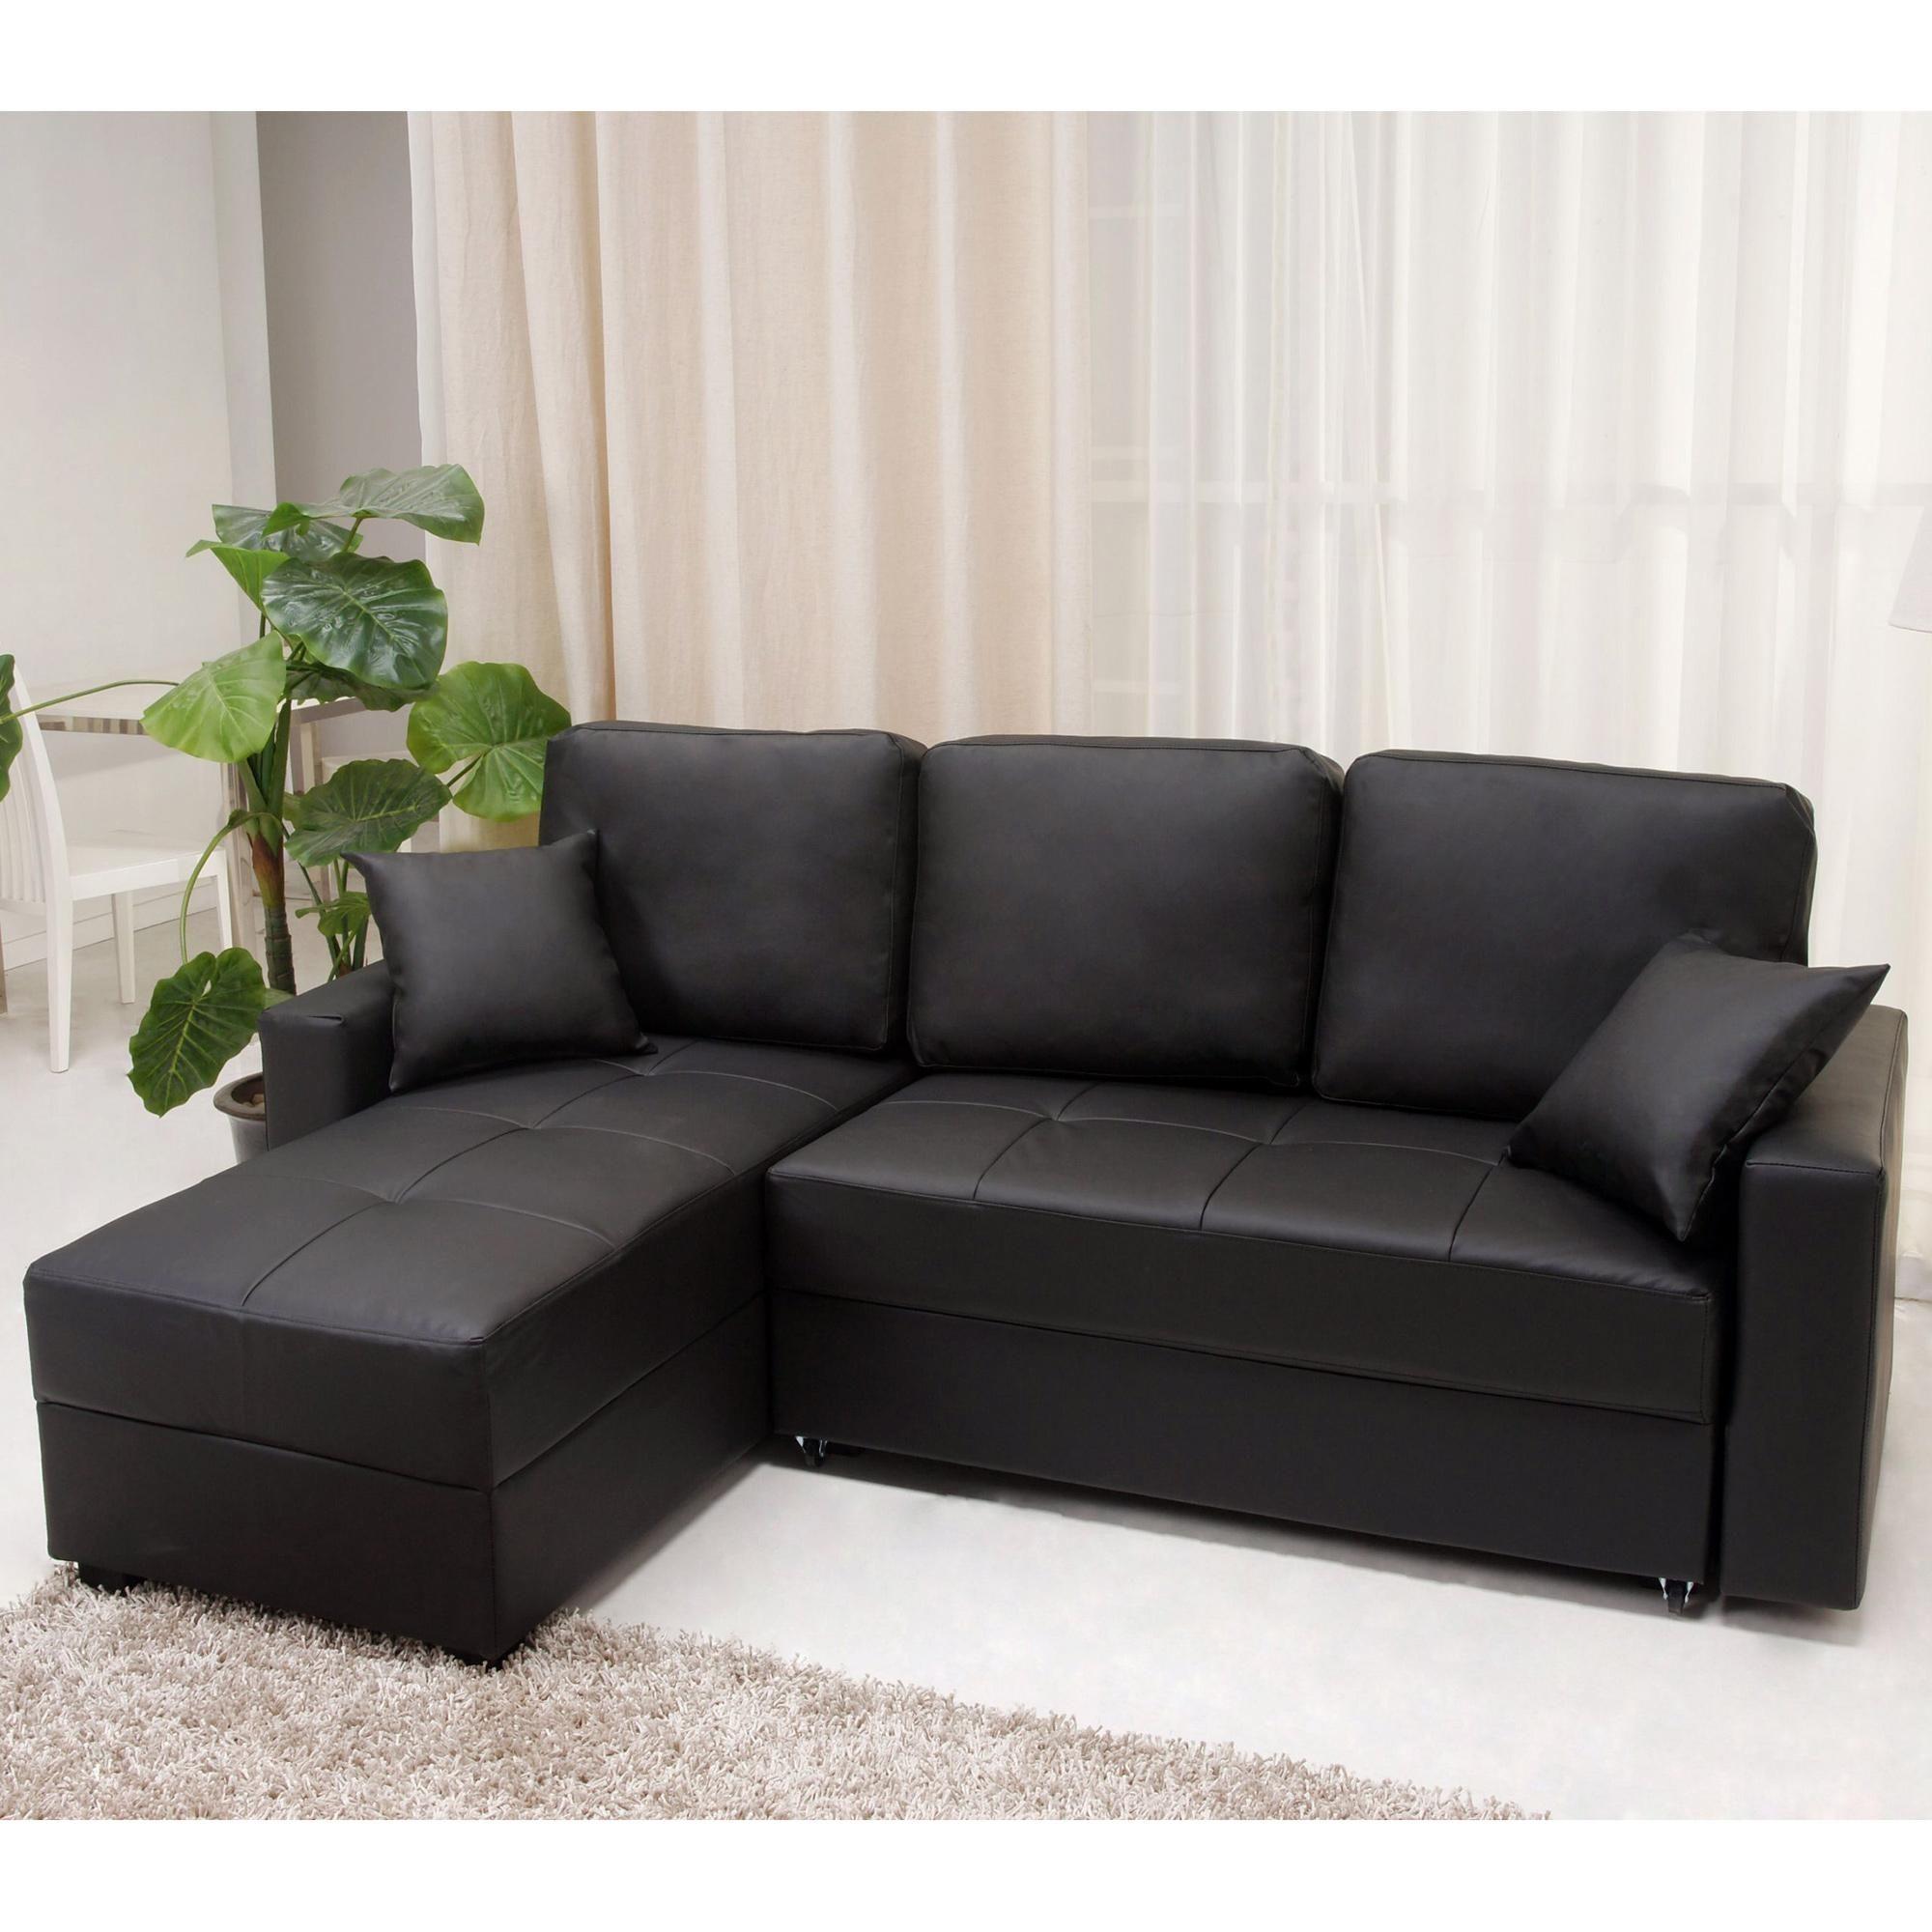 Besten Leder In L Form Sectional Sofas Mobelde Com Kommode Design Sofas Sofa